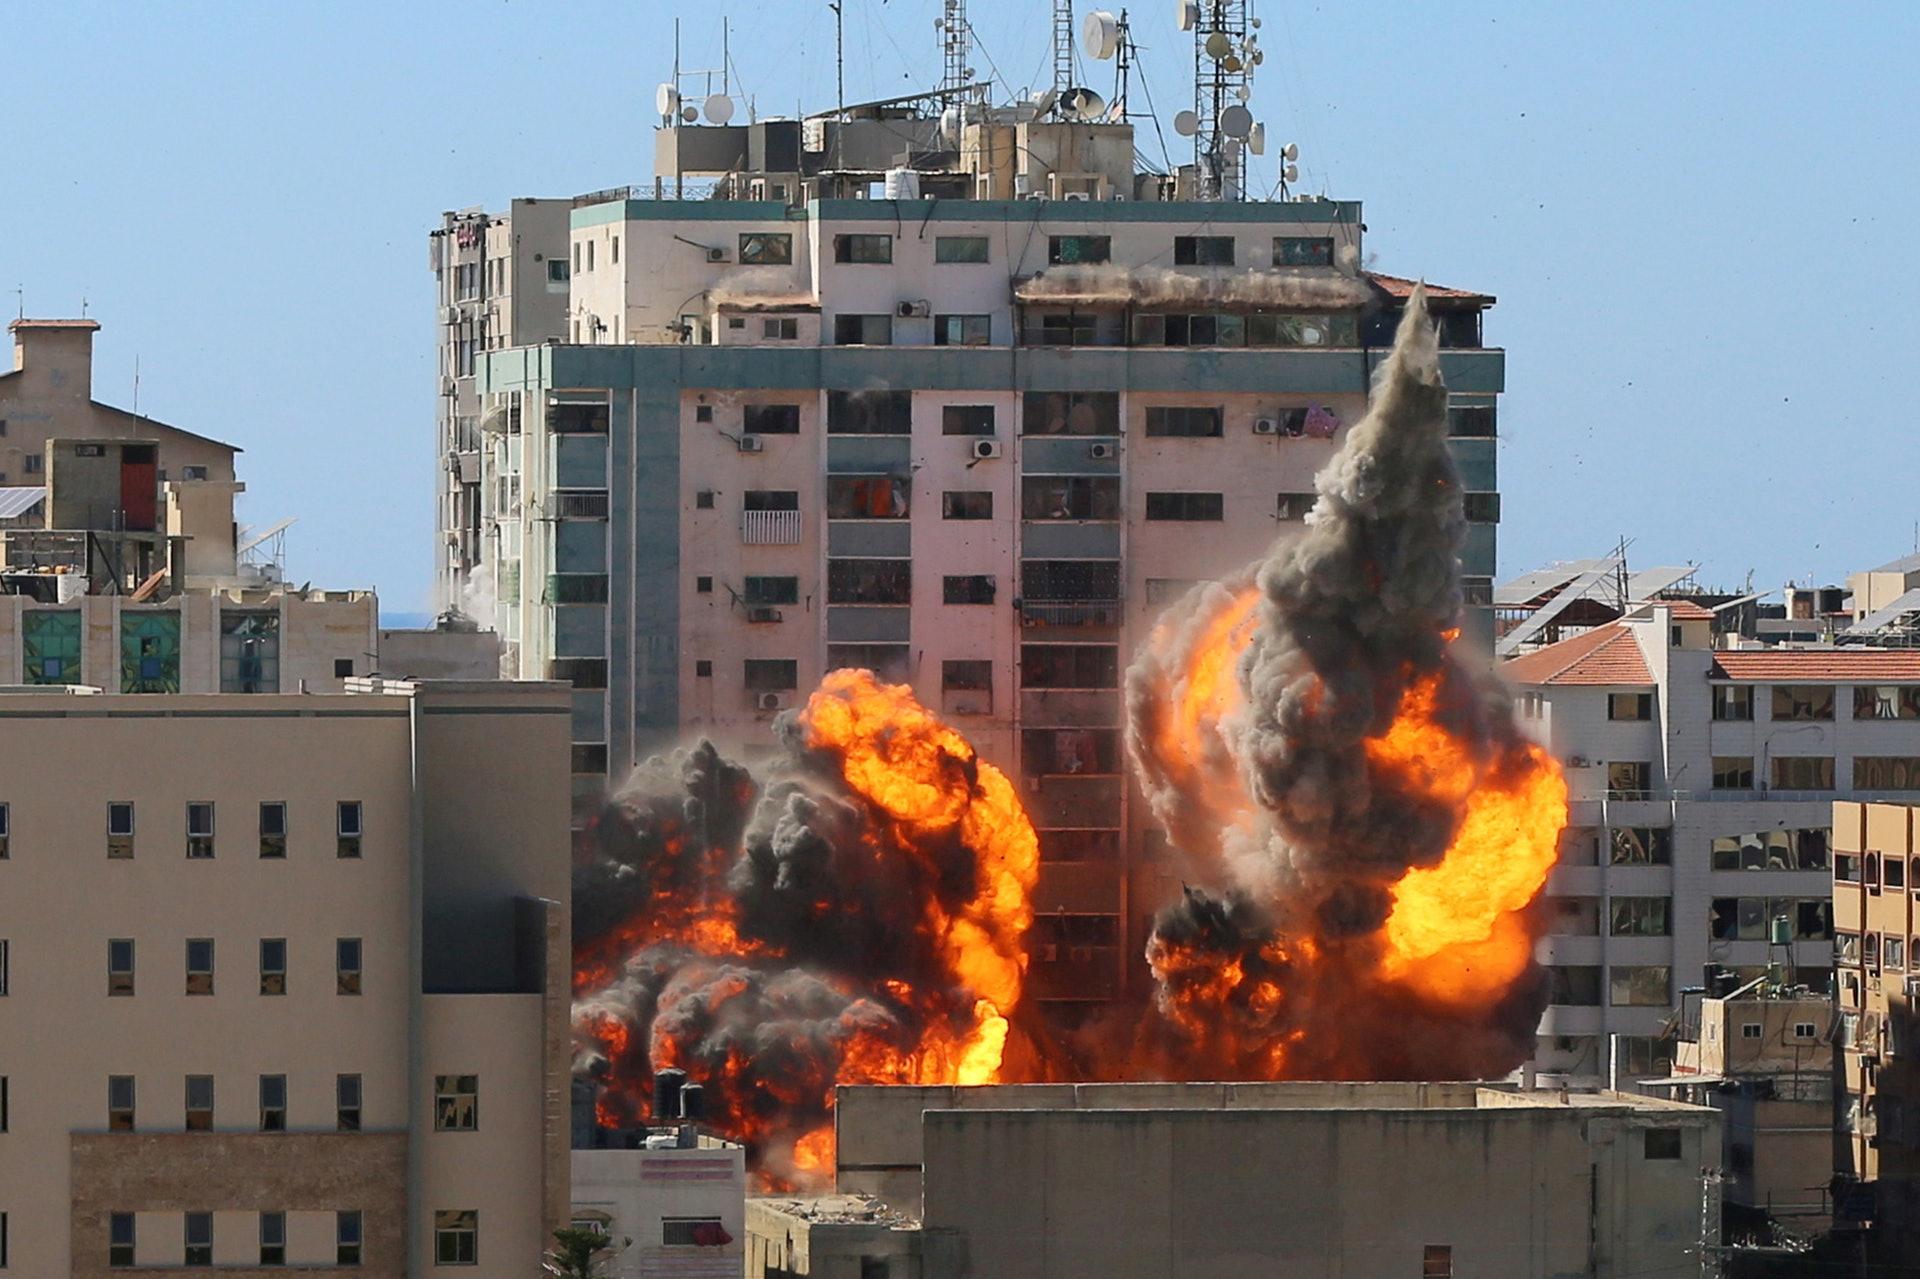 以色列空袭哈马斯领袖住宅 两人生死未卜